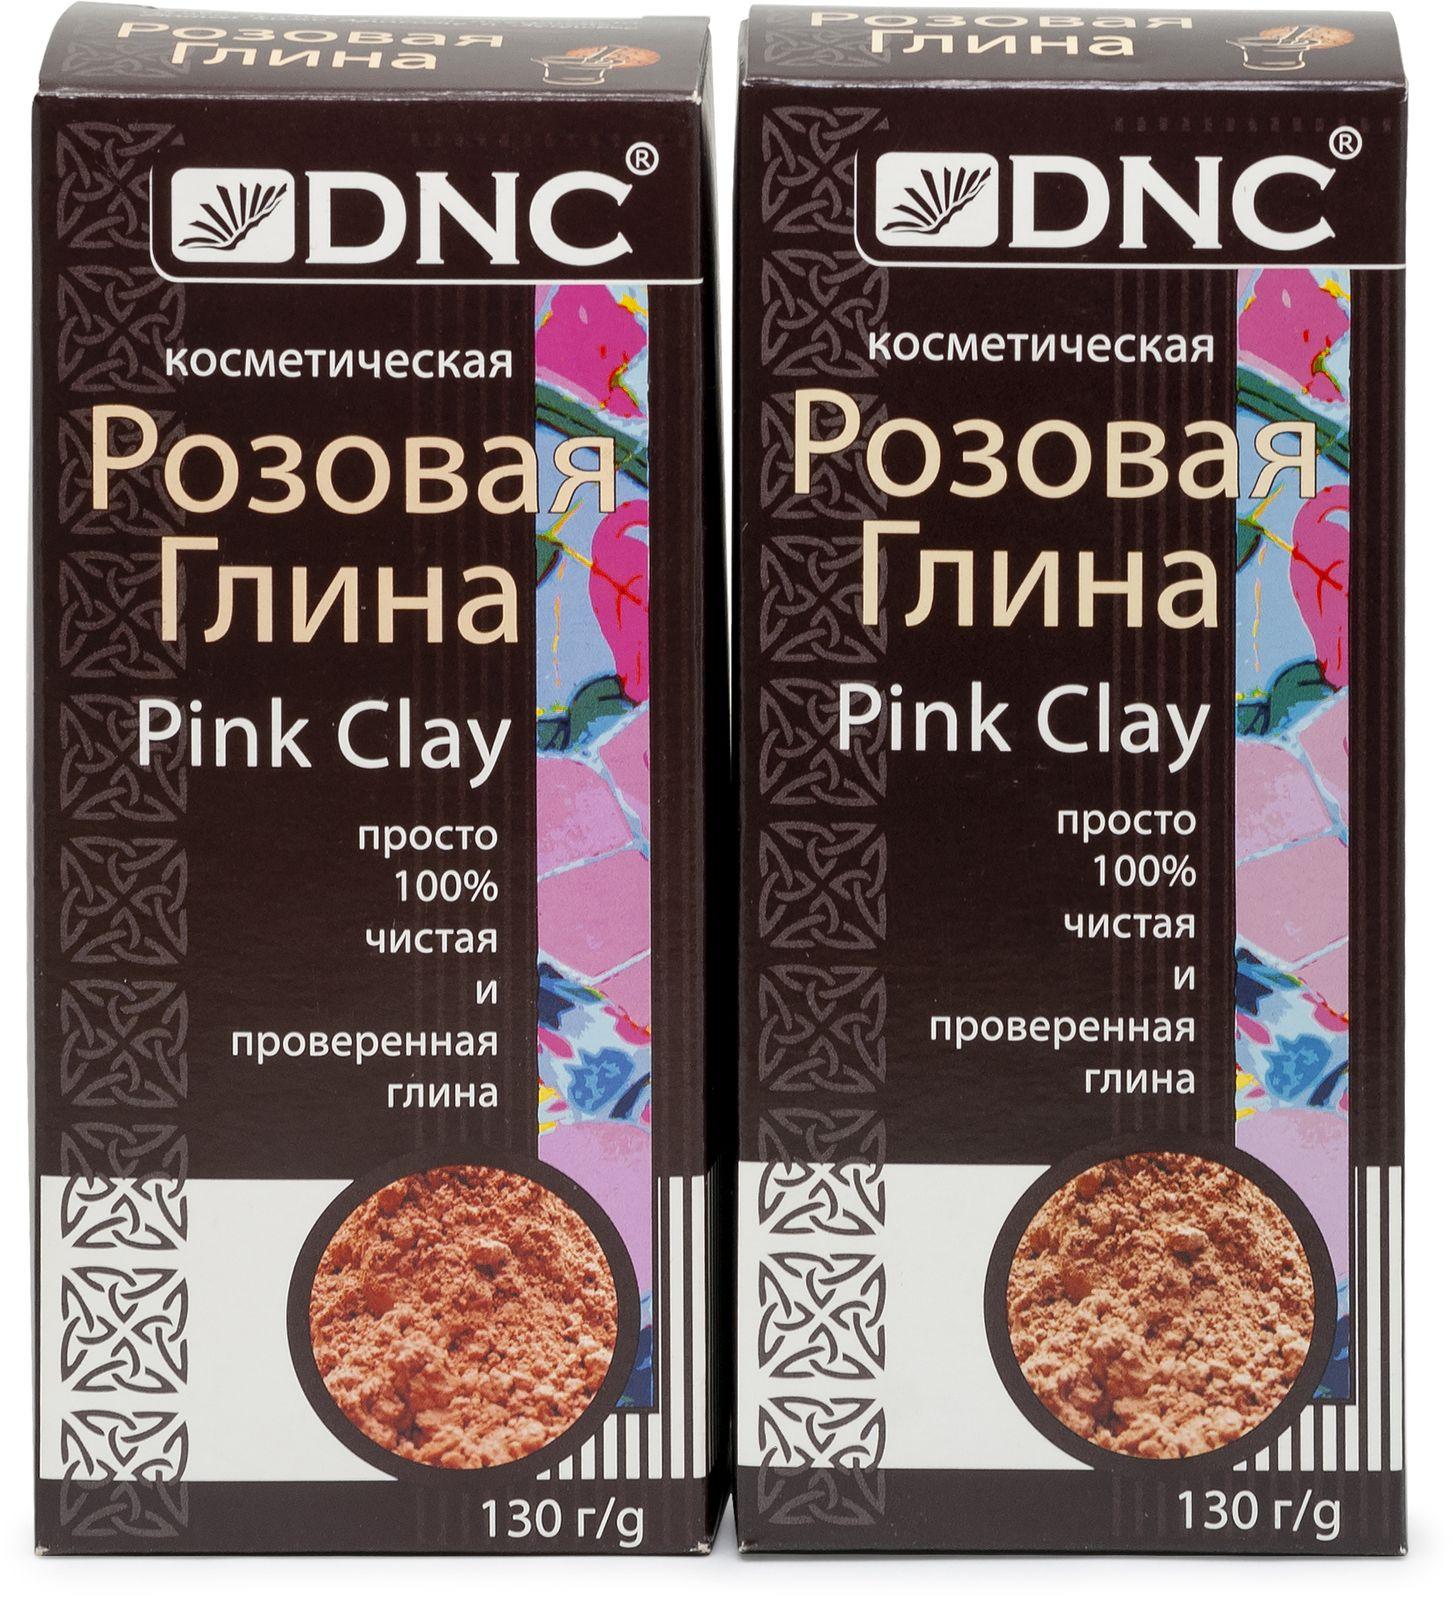 Косметика dnc где купить в ростове avon помада с эффектом объема